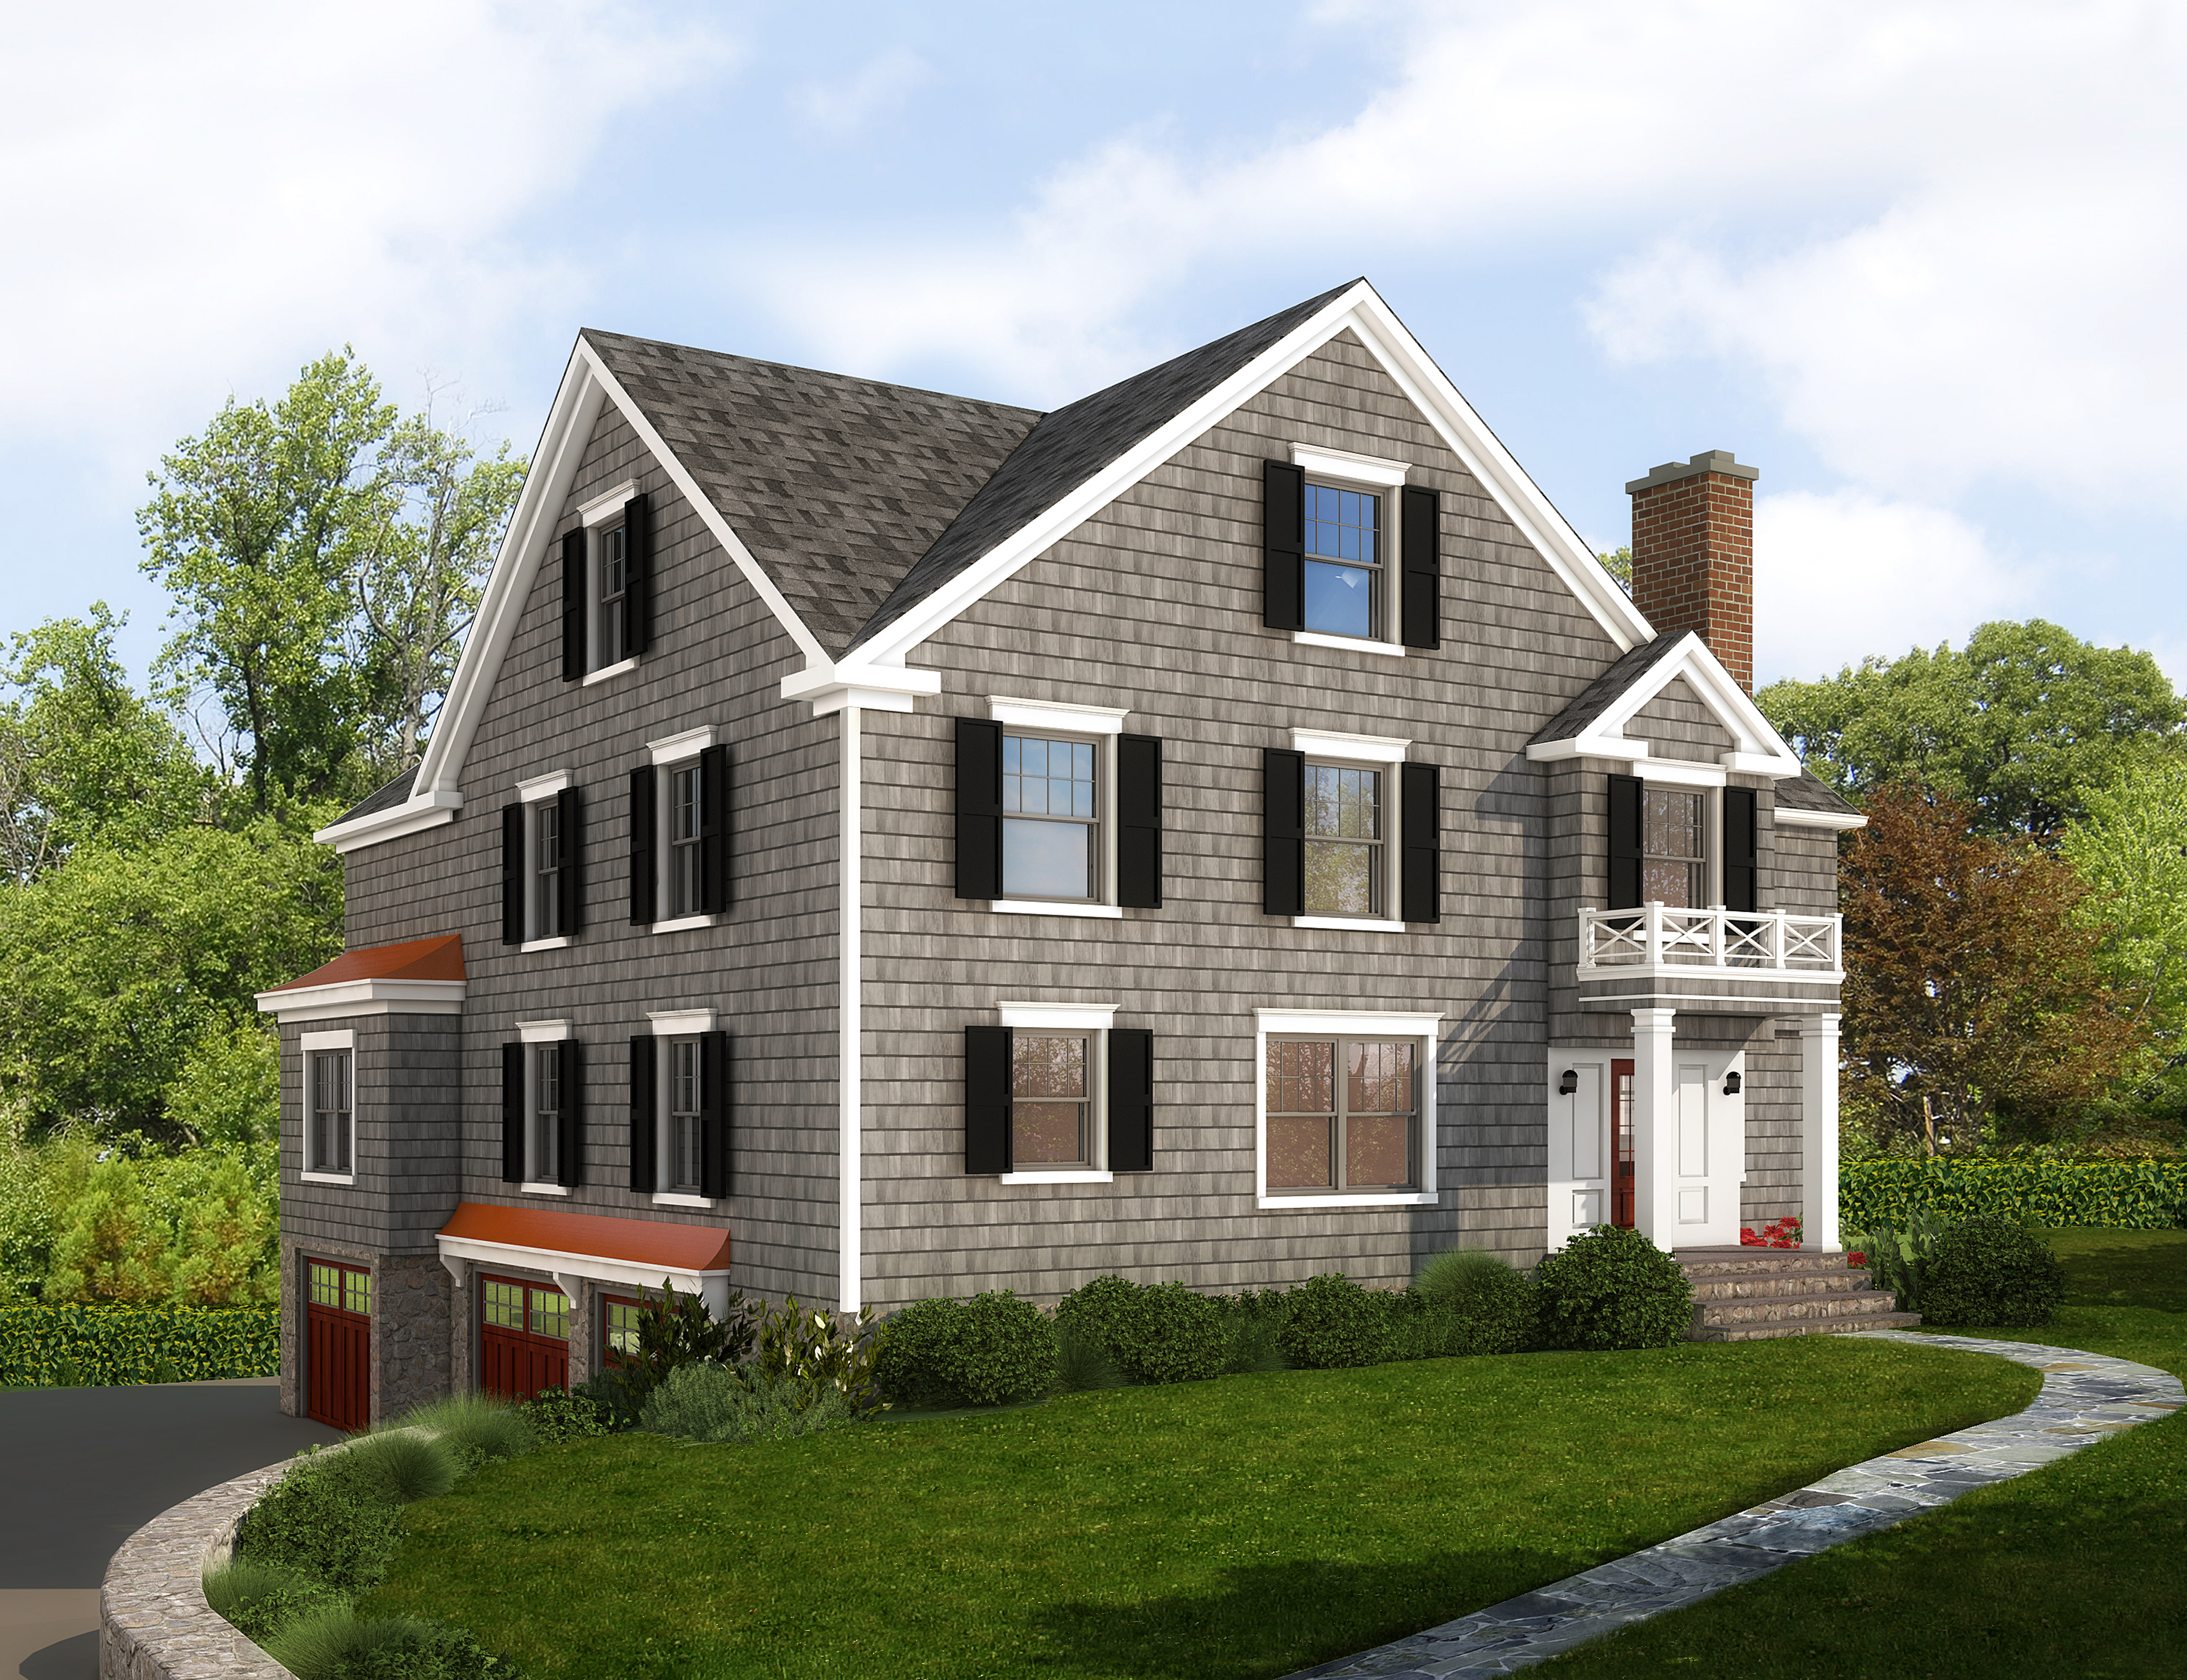 Villa per Vendita alle ore Custom Colonial by JWH Designs 151 Old Post Road Rye, New York 10580 Stati Uniti